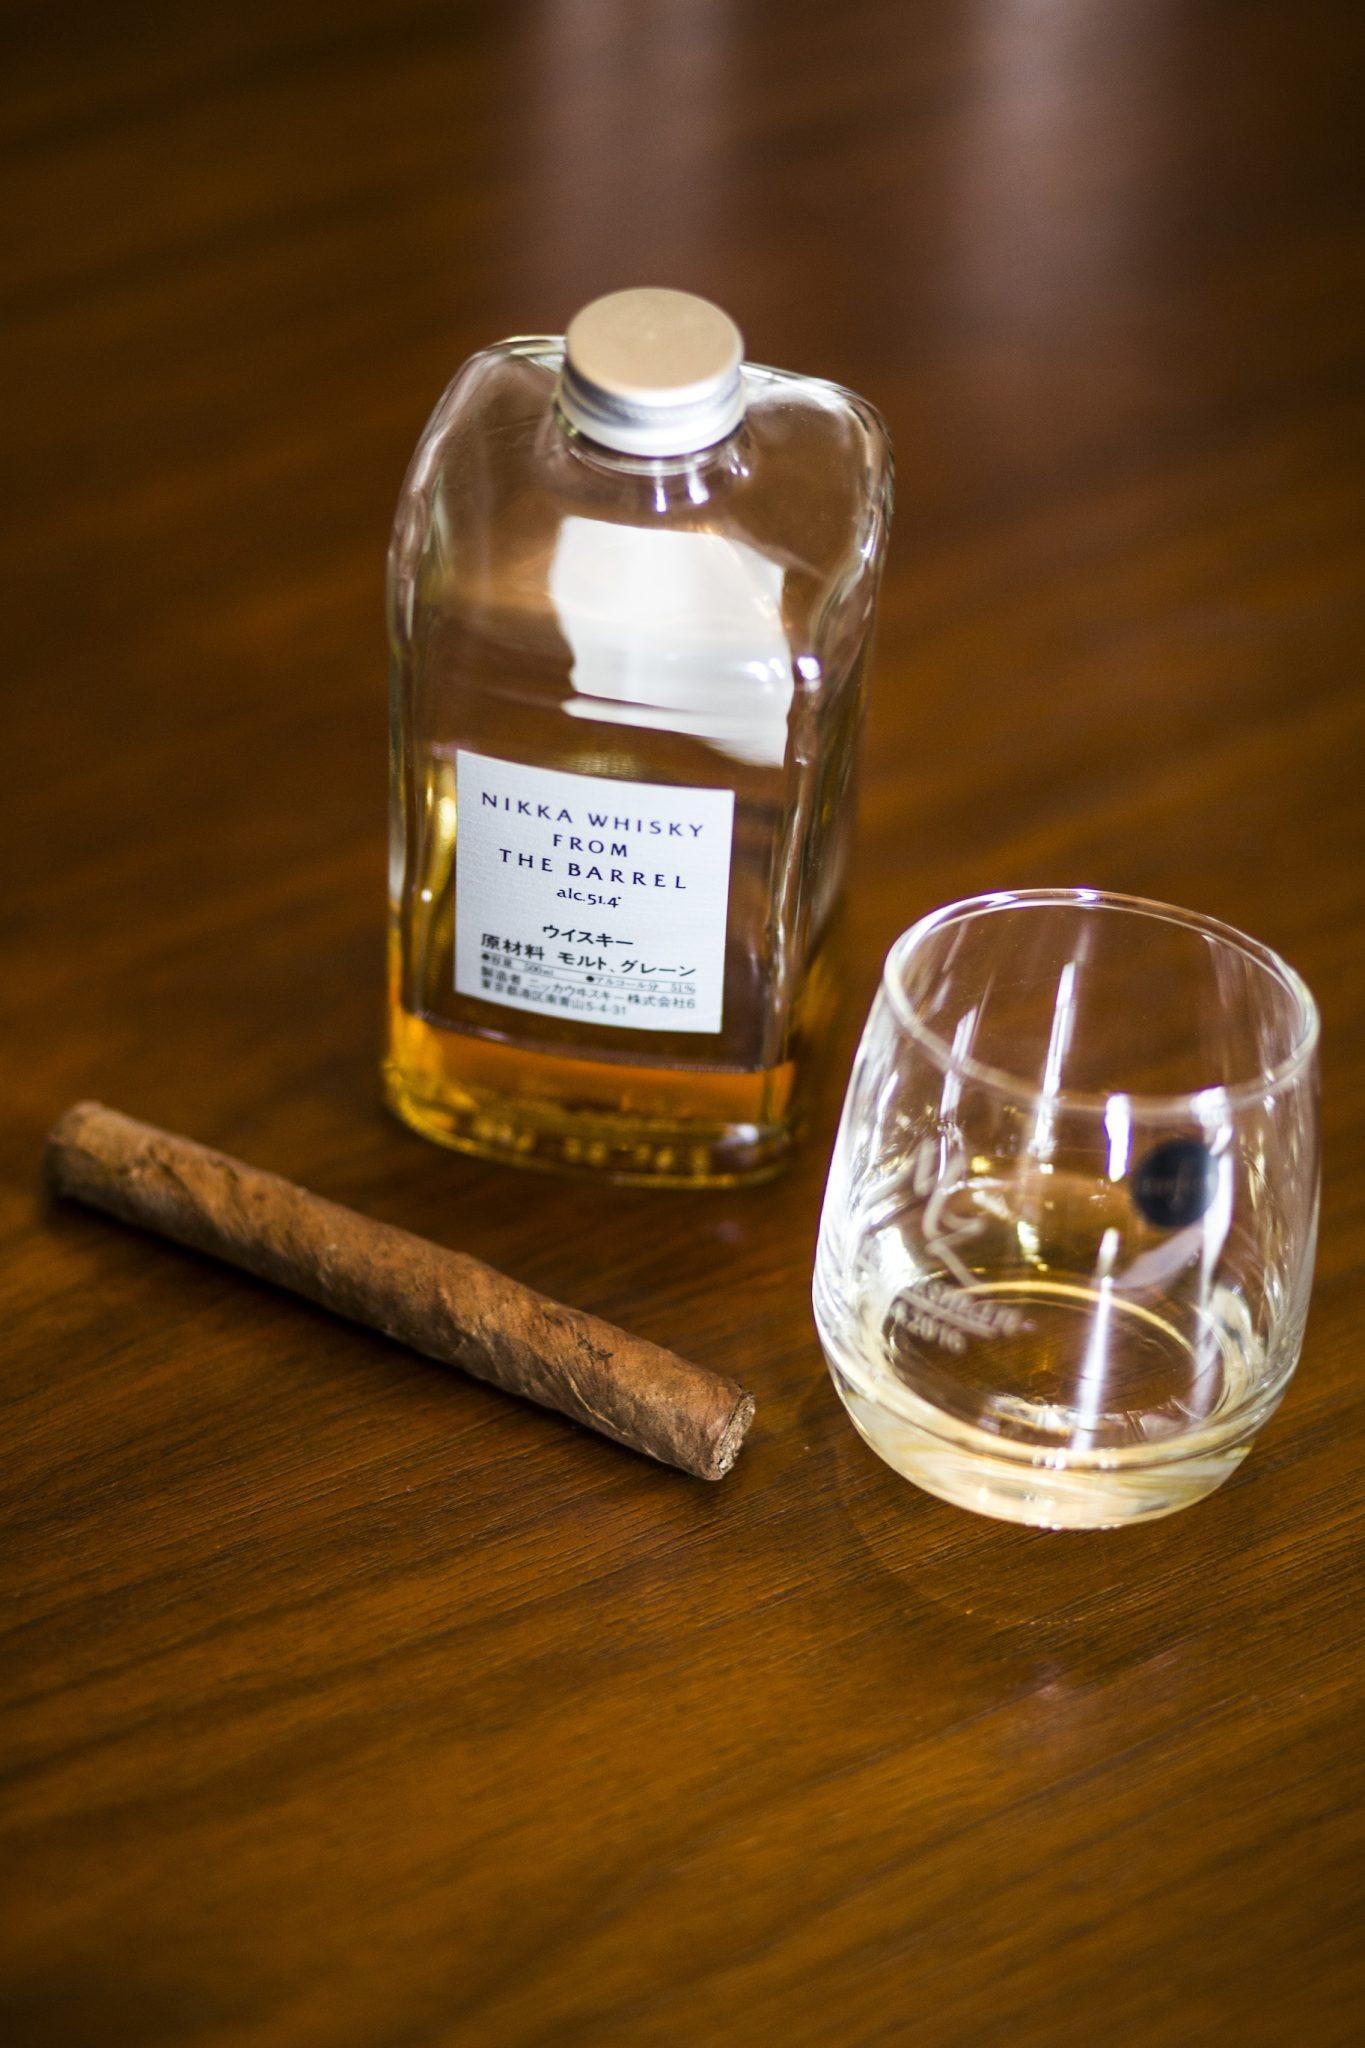 Hochzeit von Jannine und Christian in Münster: Flasche Whisky neben einem Whisky Glas